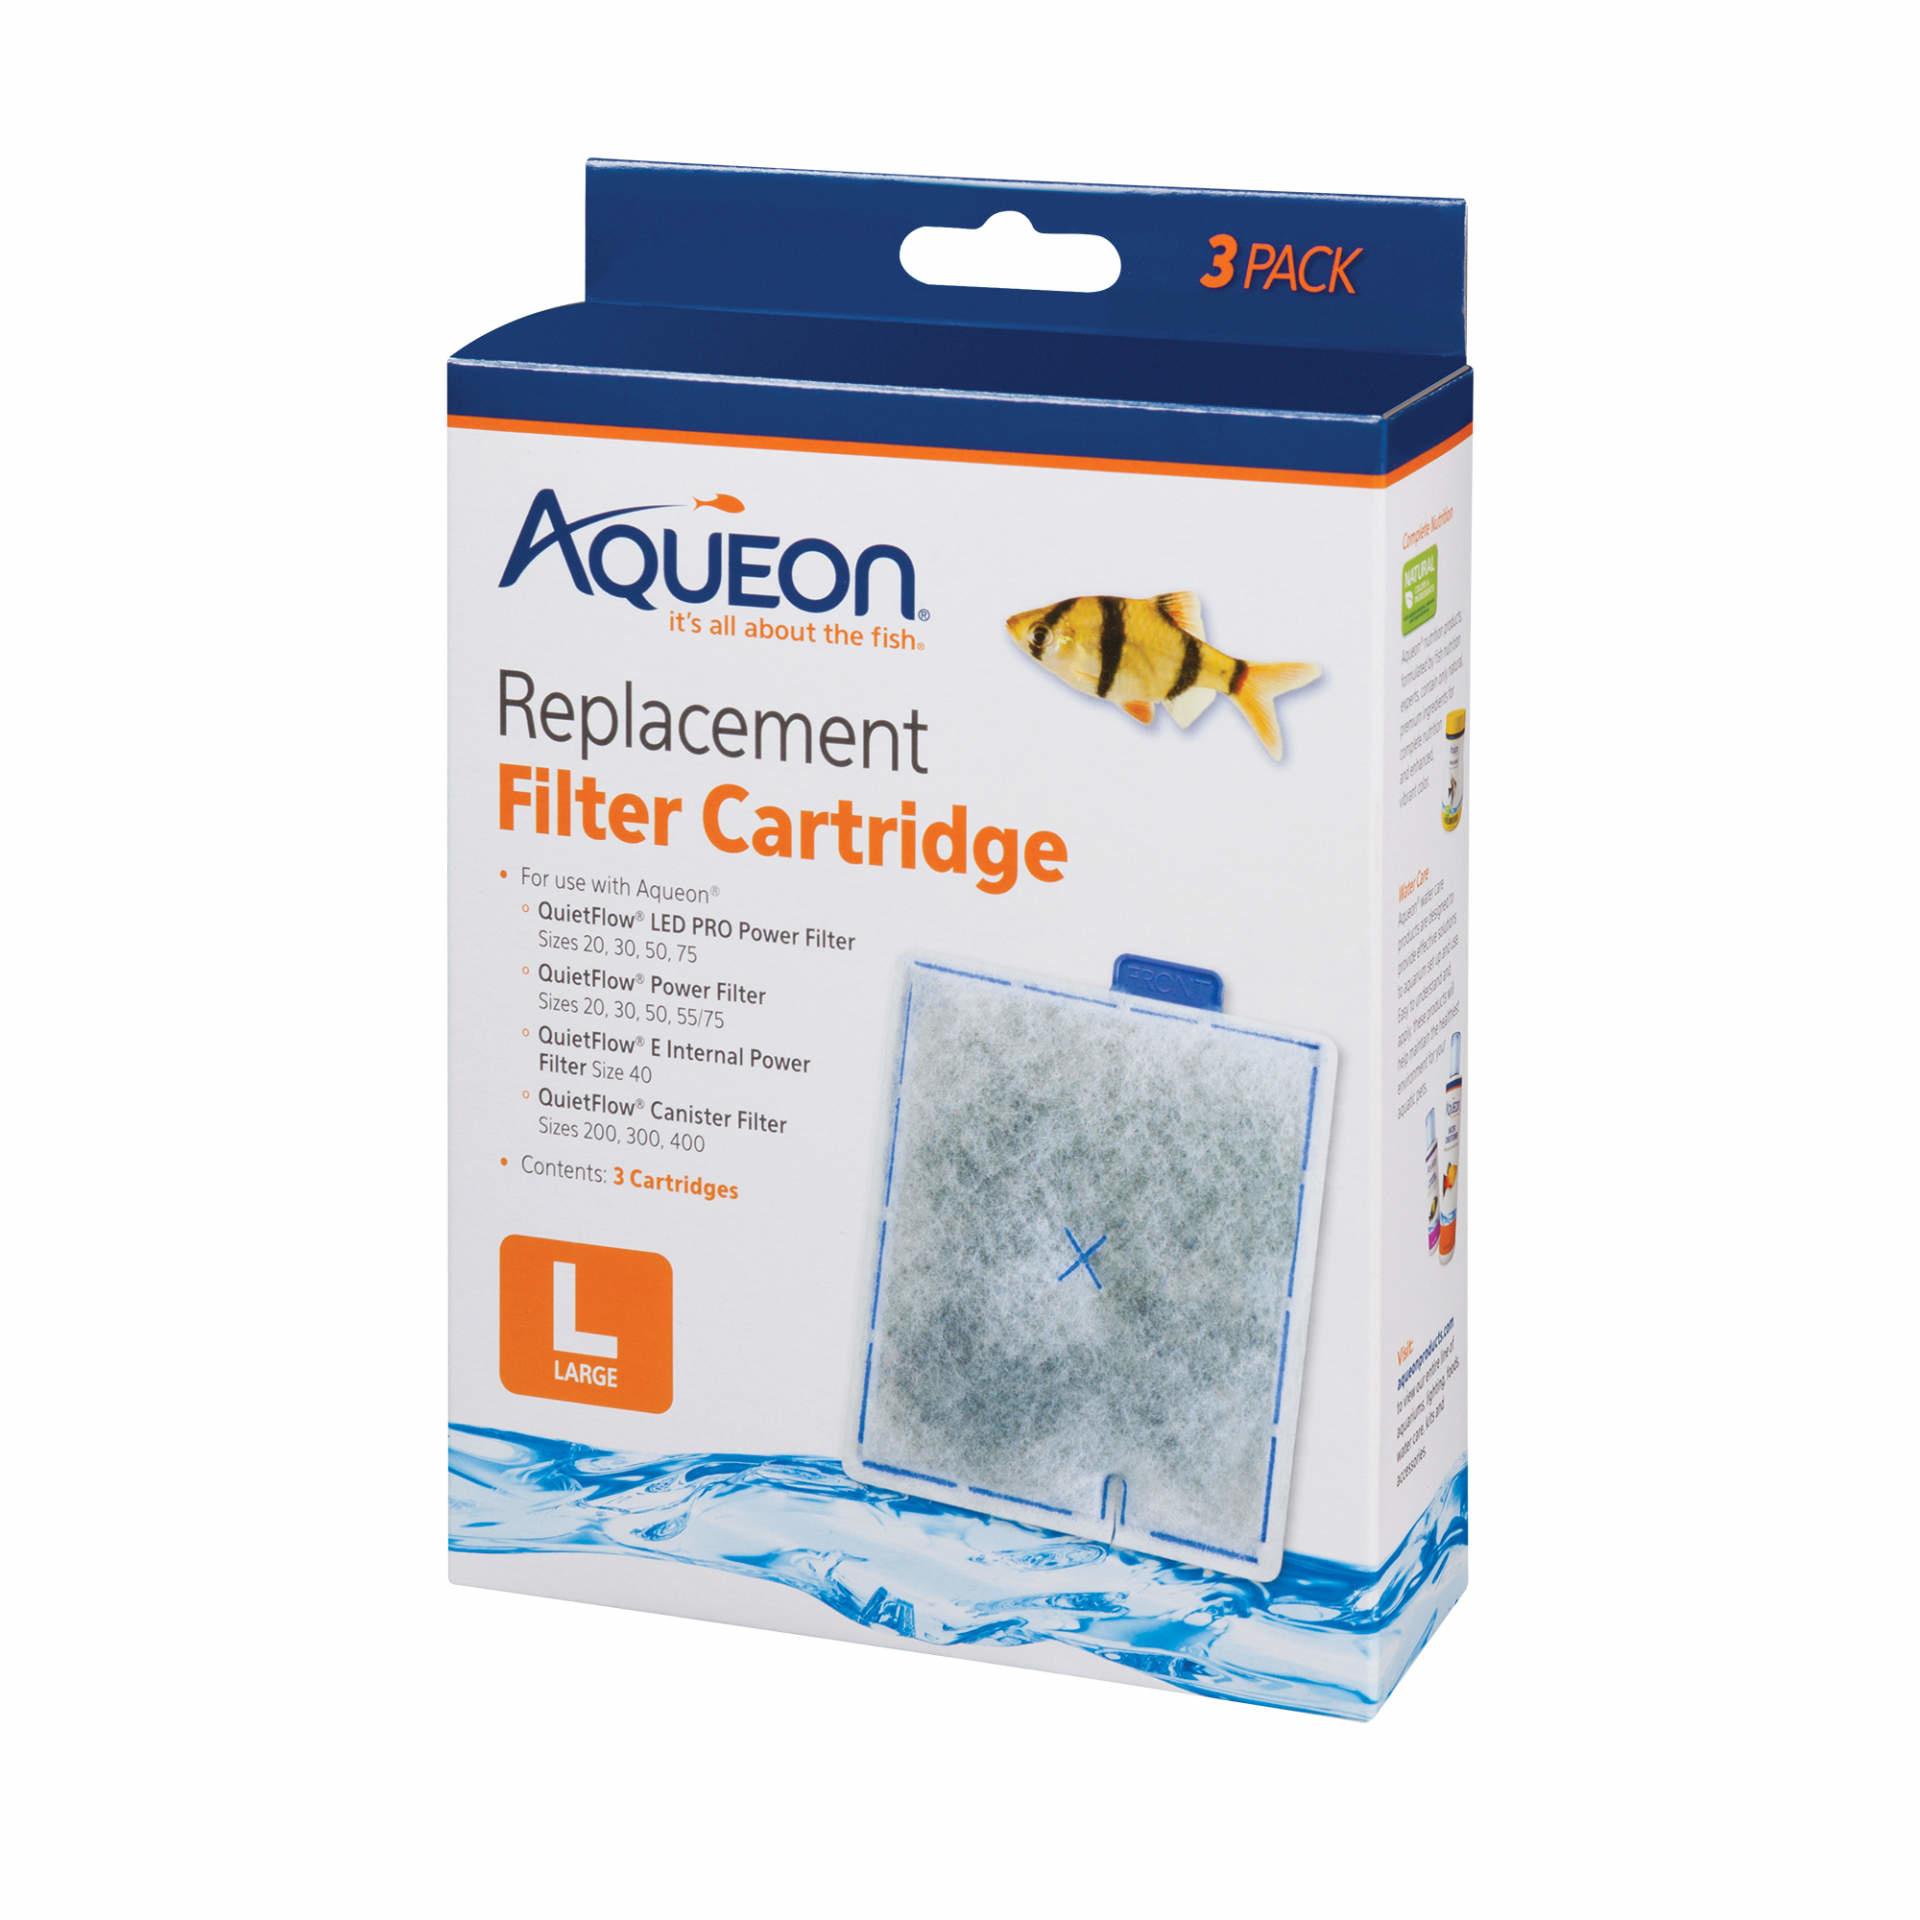 Aqueon Aquem Cart lg 3pack